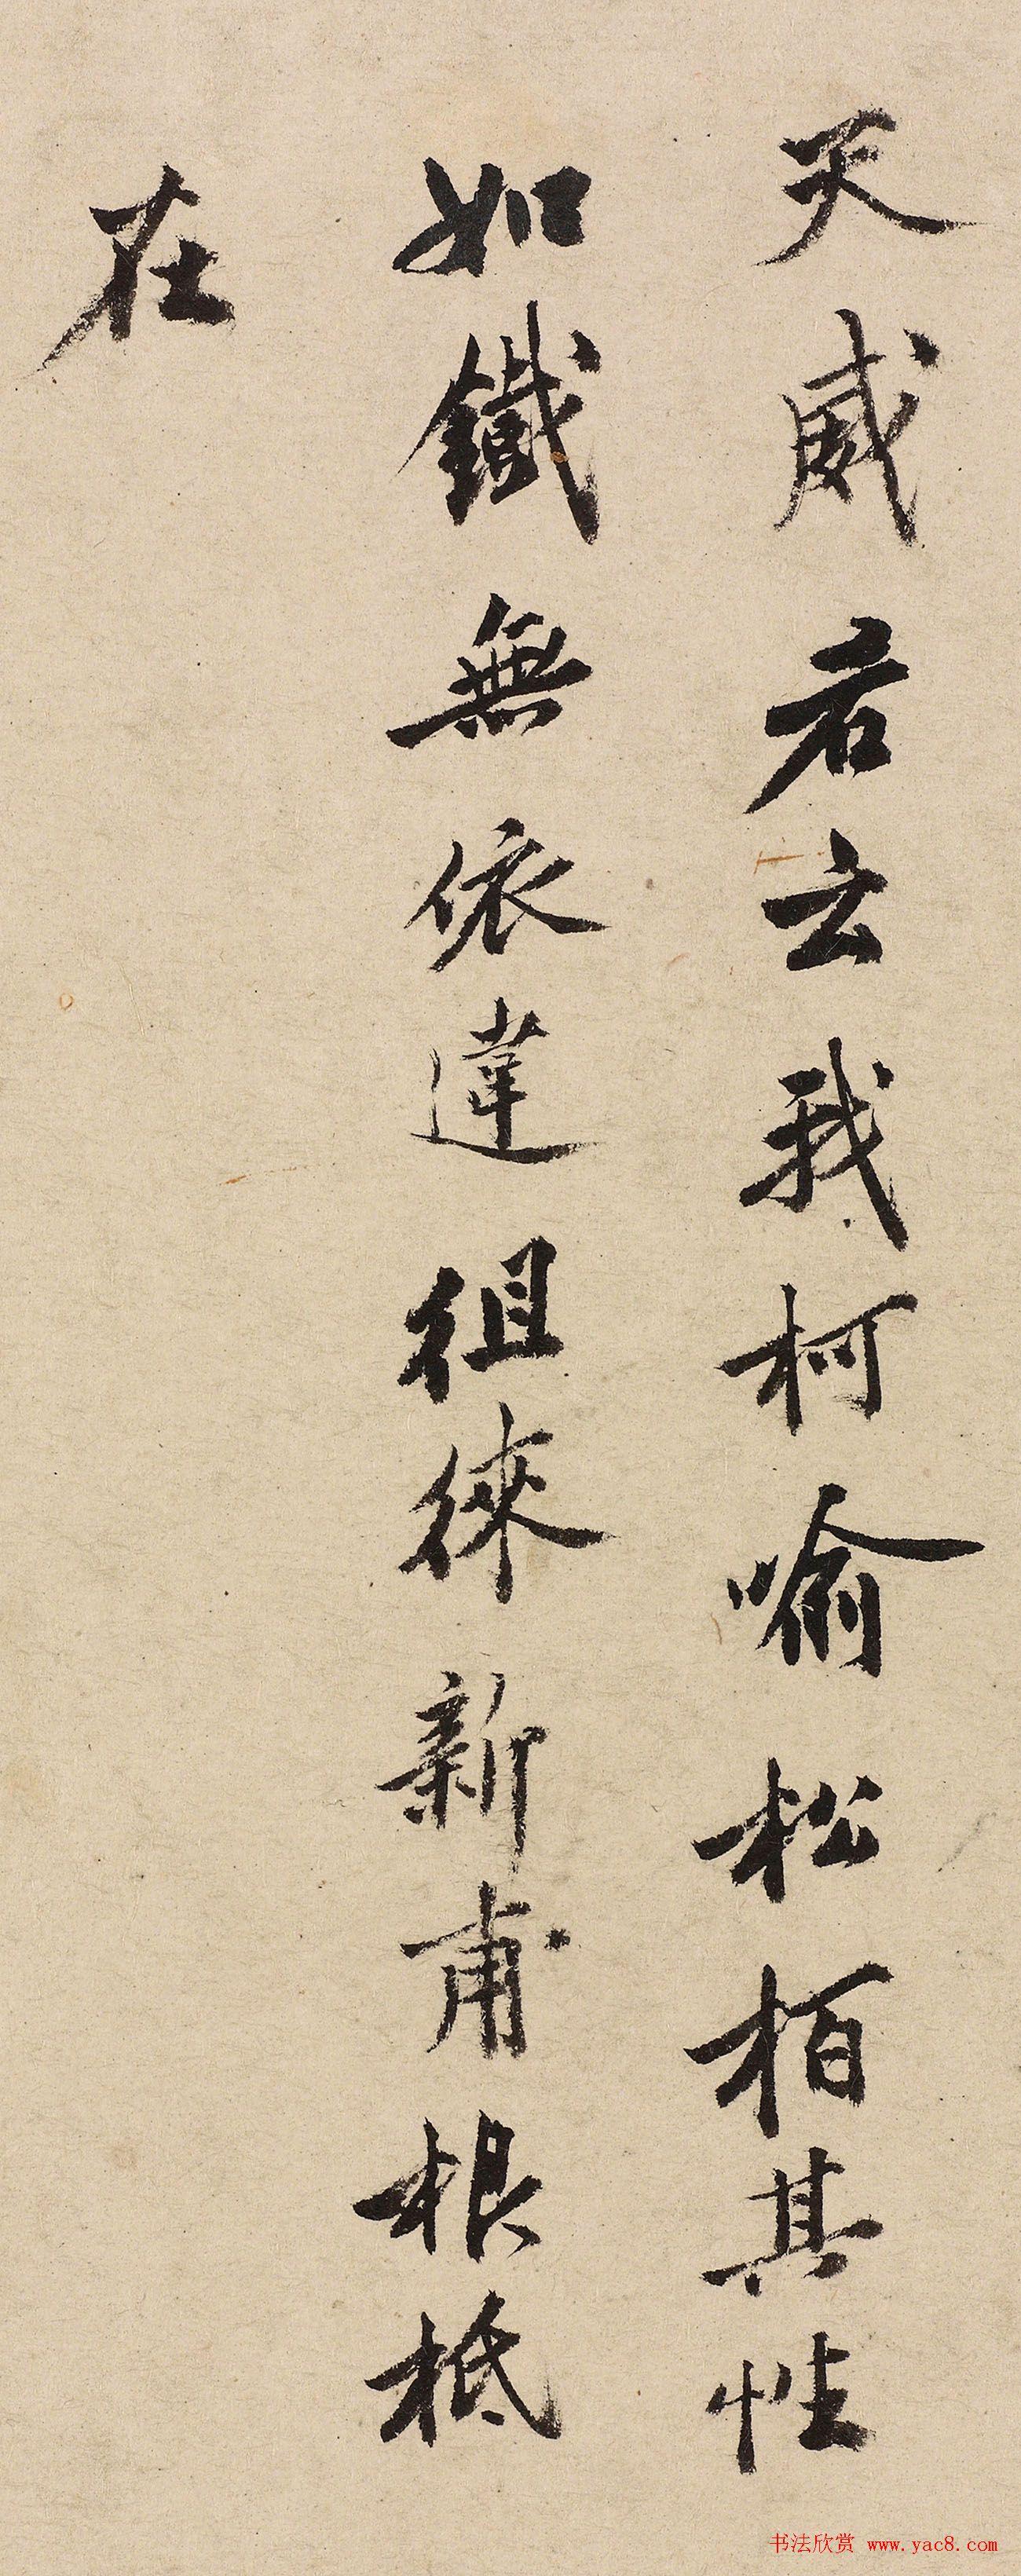 明代沈周书法墨迹蜀山秦树图卷后题字